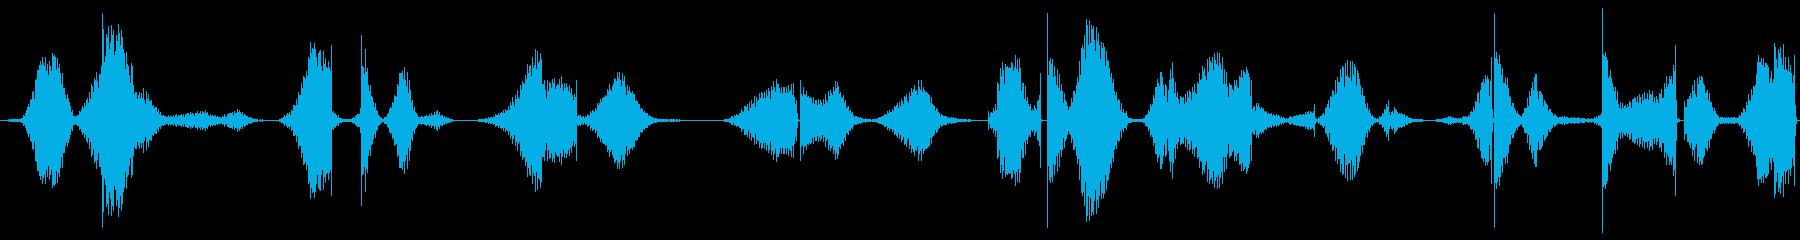 ザー(途切れが入っている機械のノイズ)の再生済みの波形